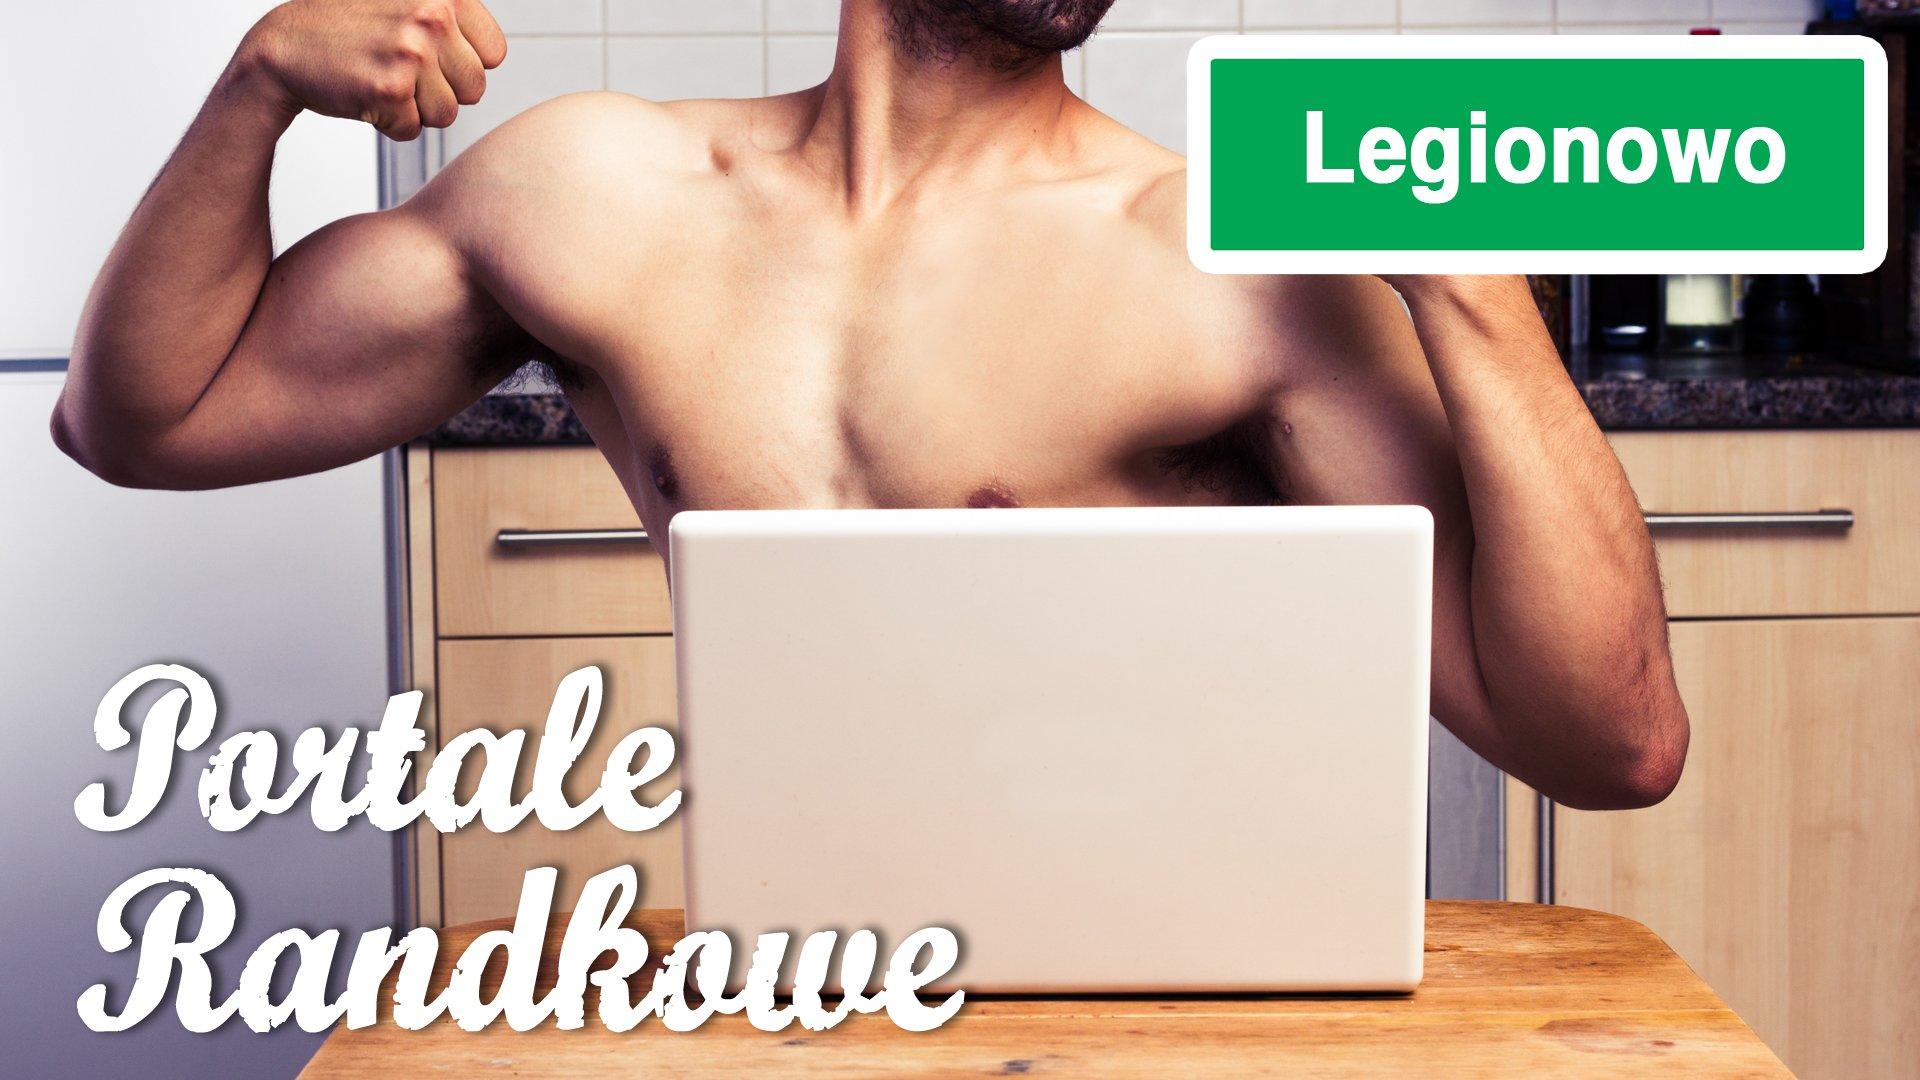 portale darmowe Jastrzębie-Zdrój